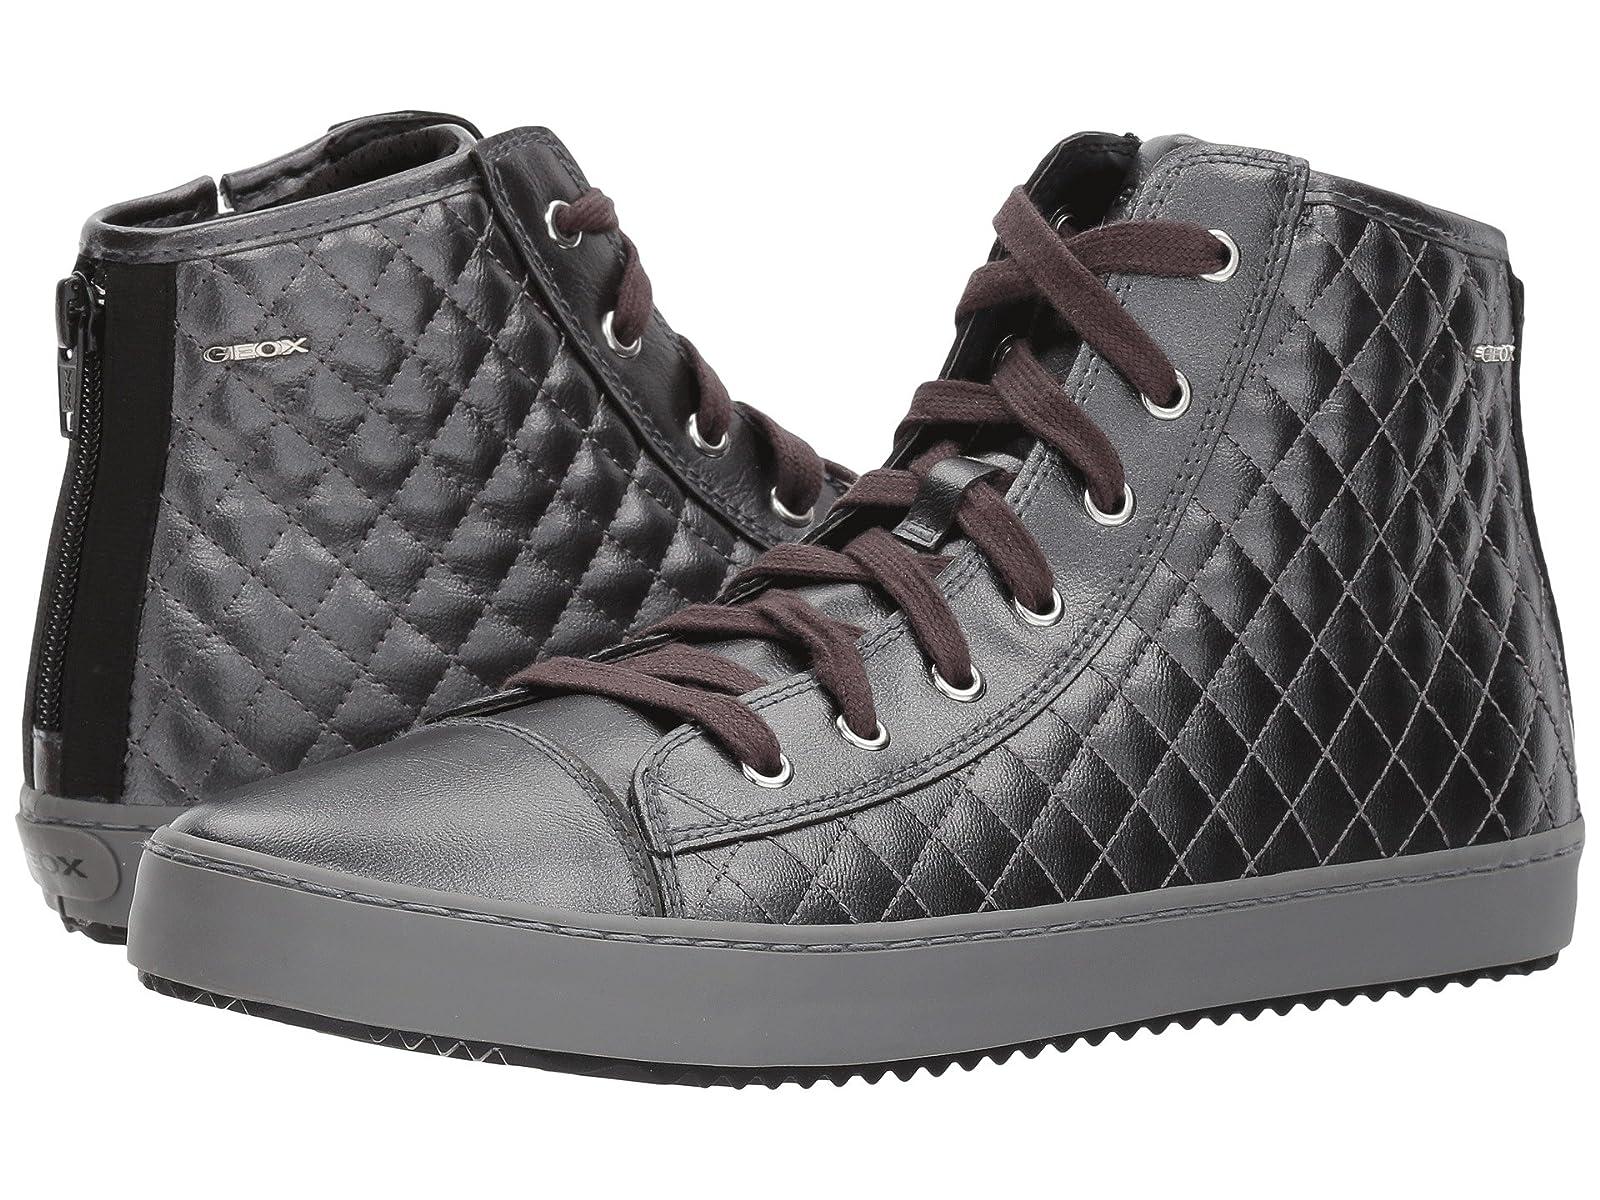 Geox Kids JR Kalispera Girl 7 (Big Kid)Atmospheric grades have affordable shoes